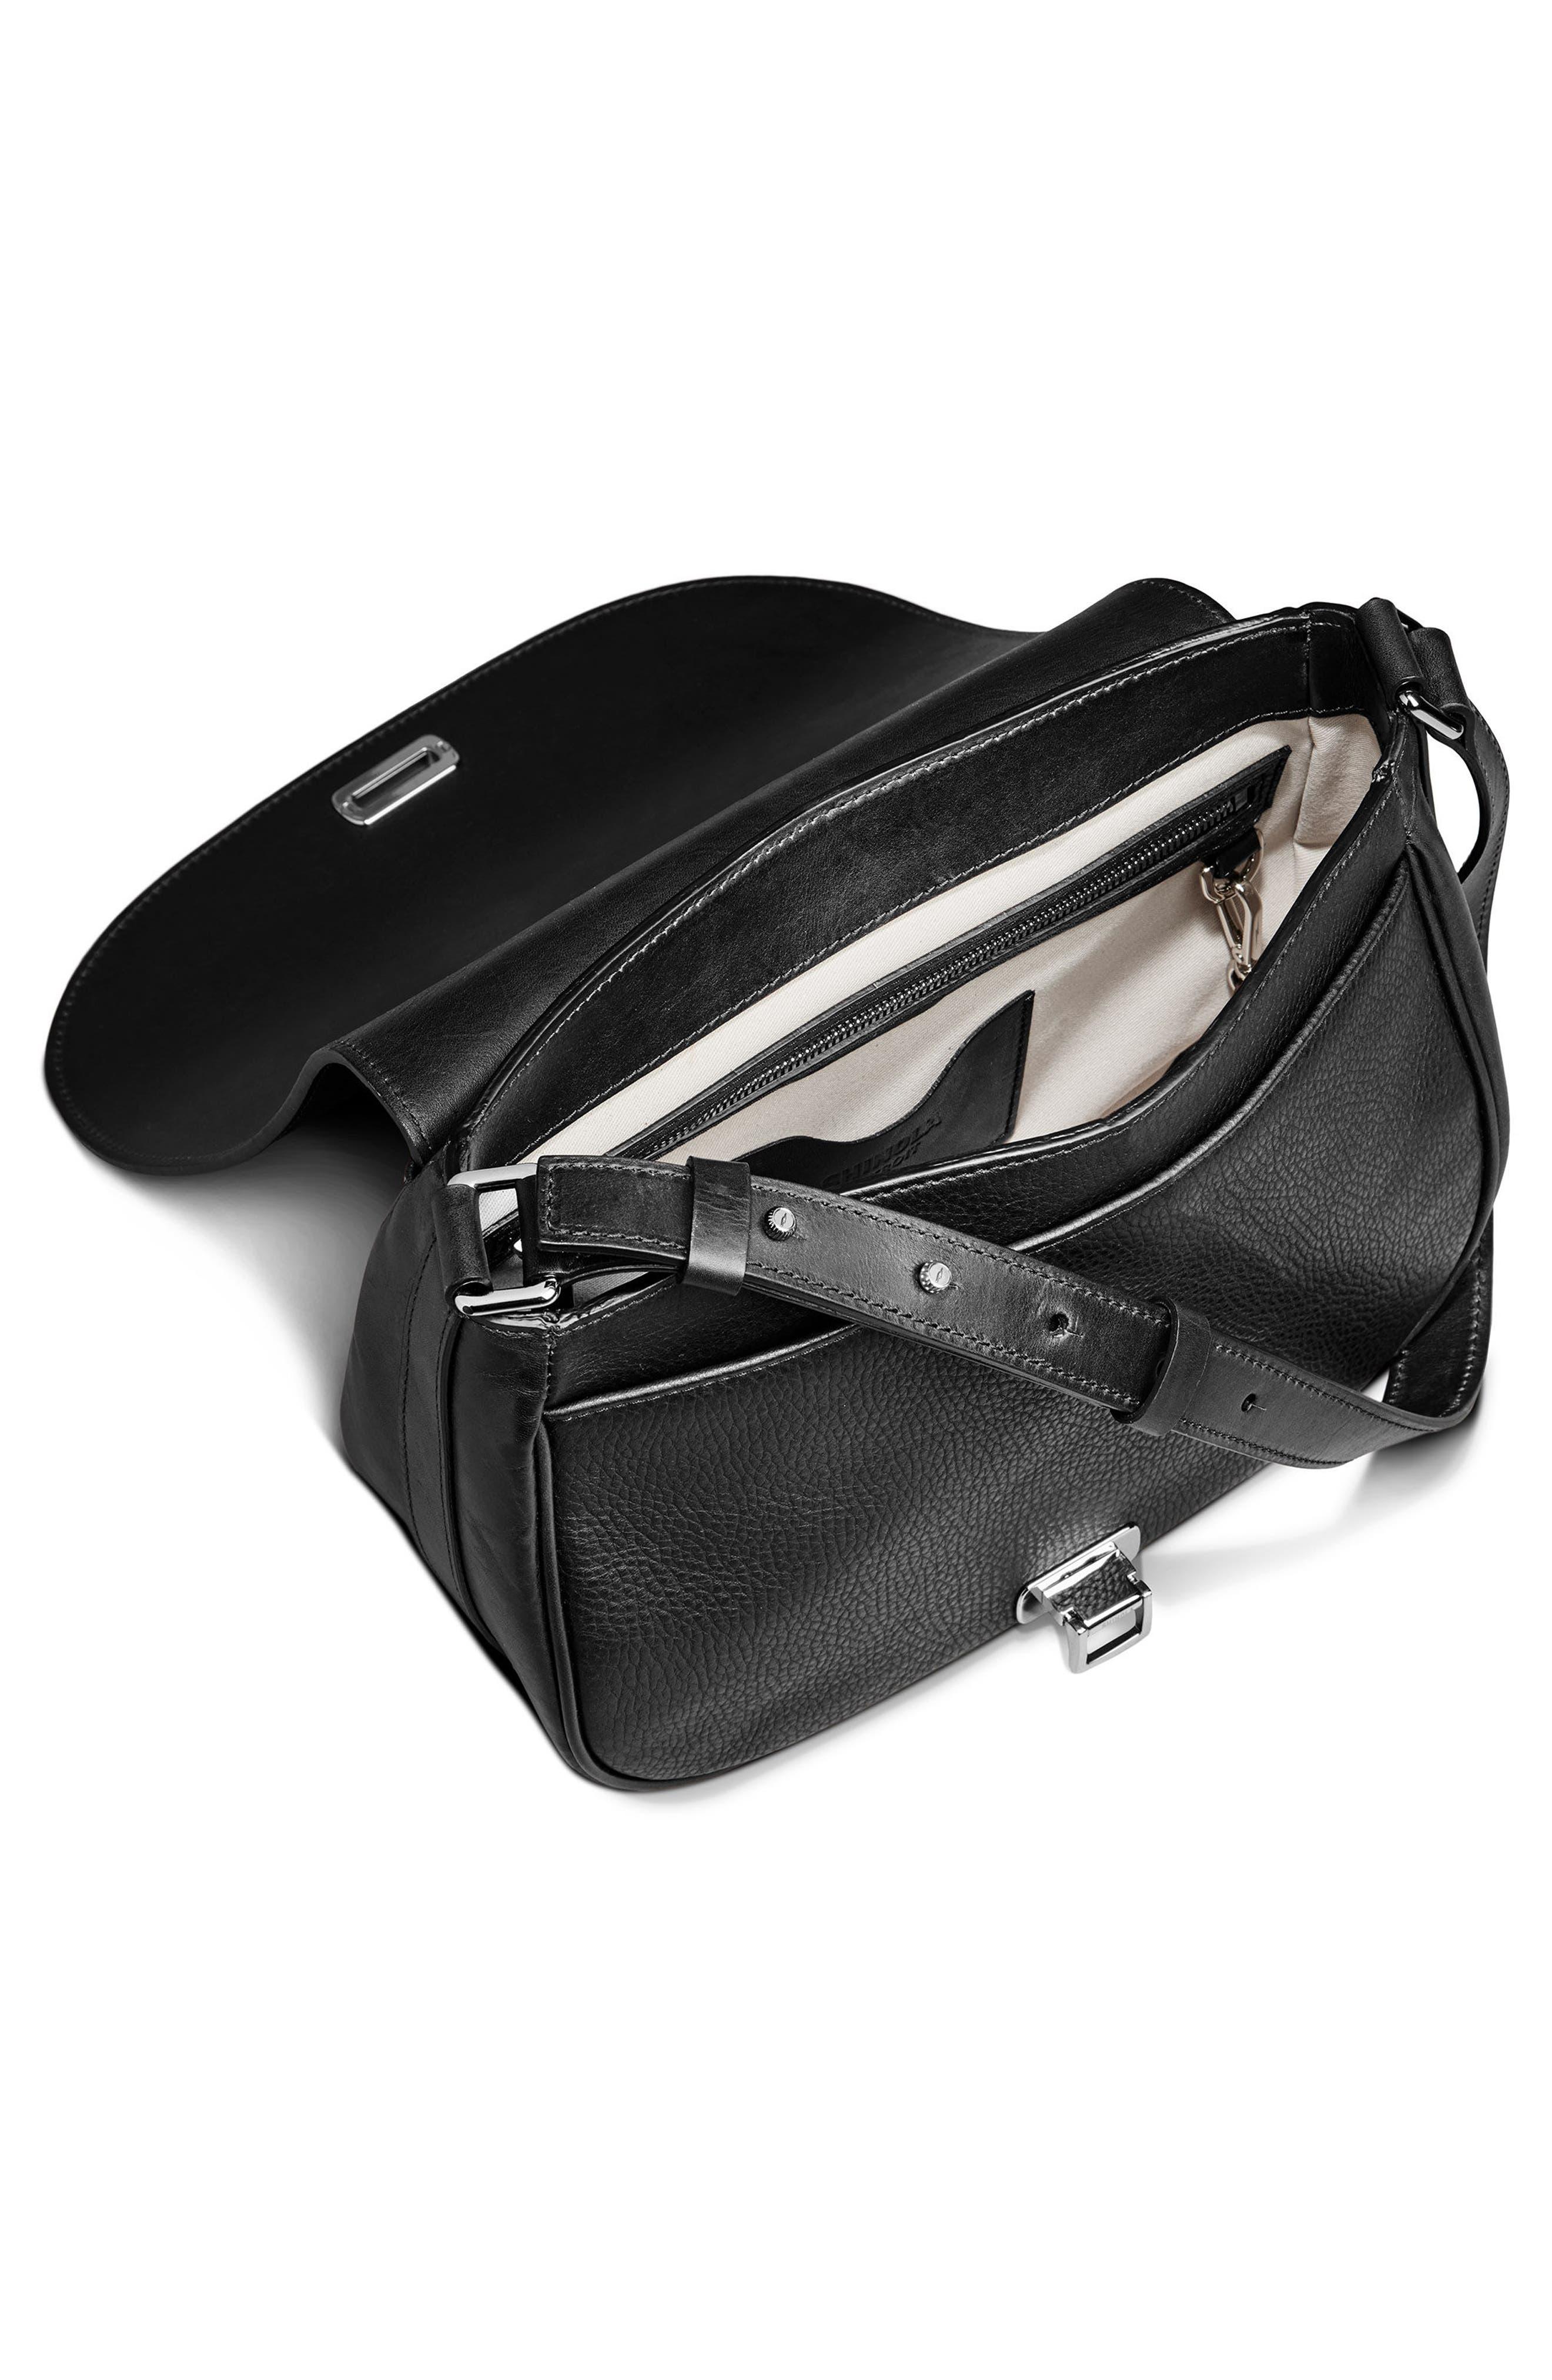 Calfskin Leather Shoulder Bag,                             Alternate thumbnail 7, color,                             001